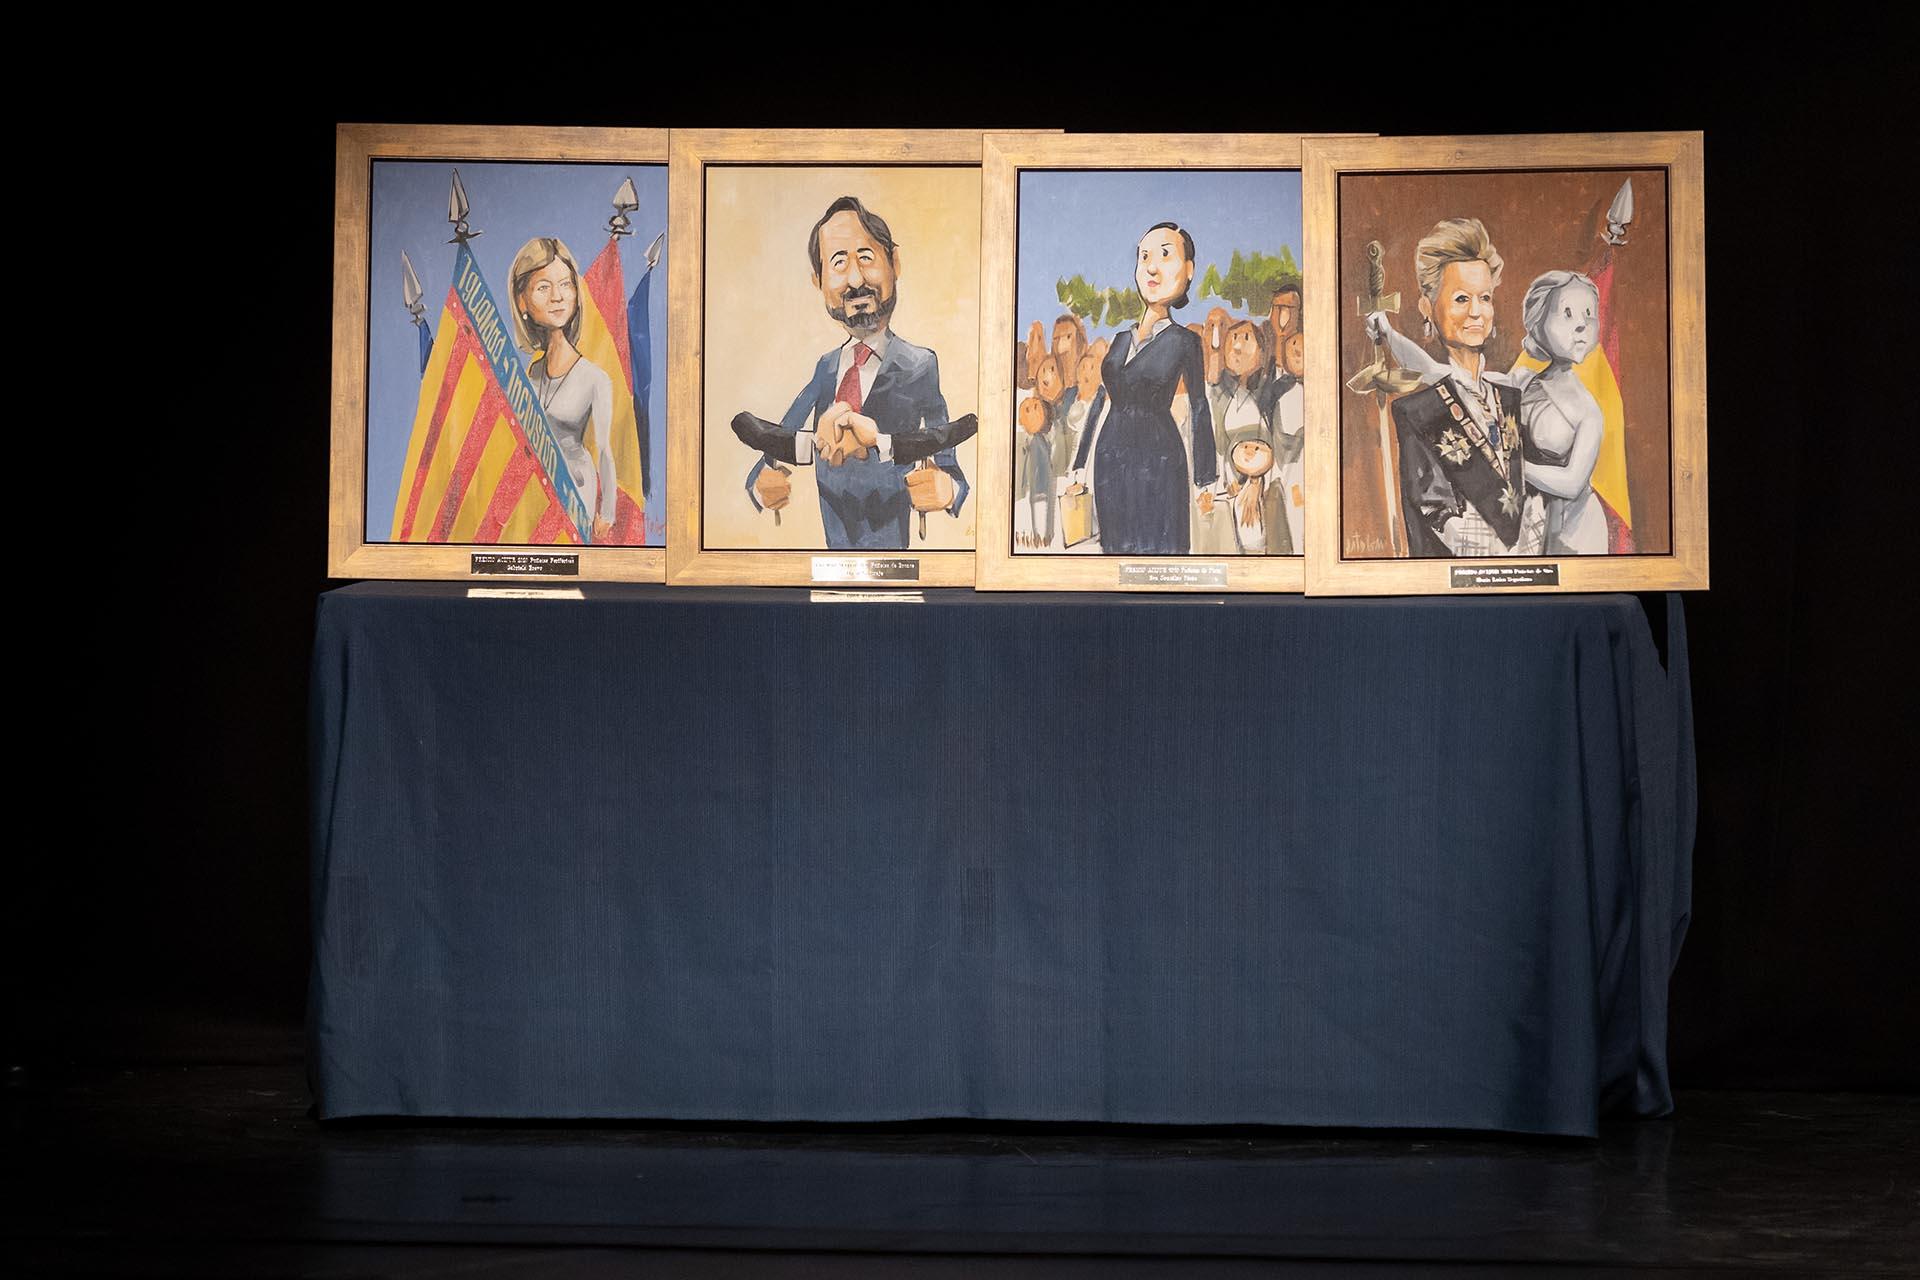 Premios Puñetas. De izqda. a dcha., Periféricas, Bronce, Plata y Oro.